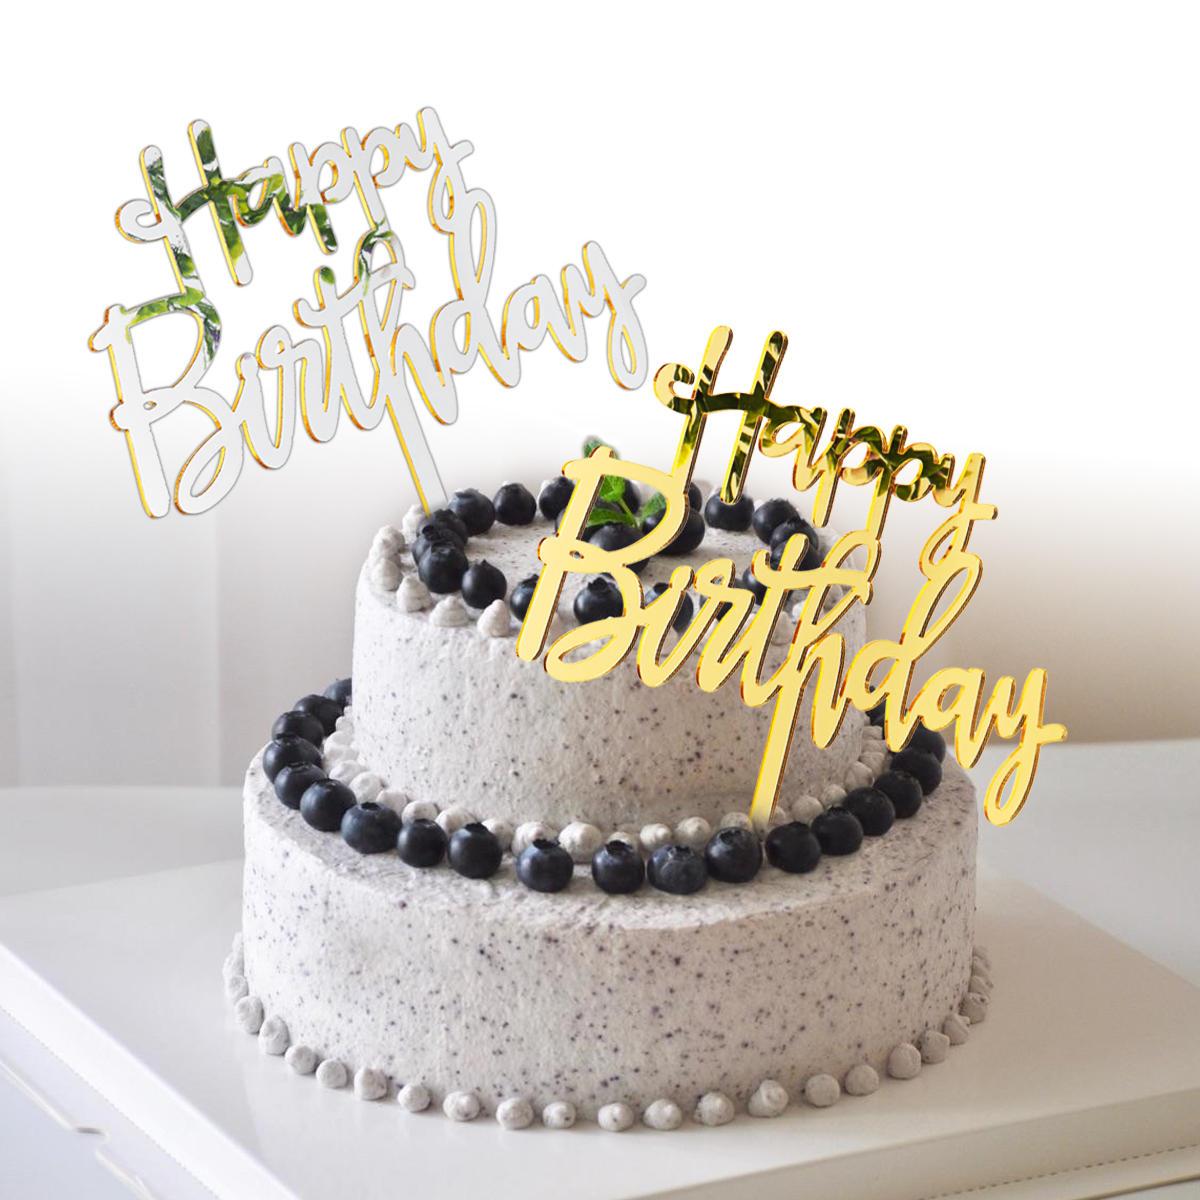 Miroir acrylique joyeux anniversaire décorations de gâteau d'anniversaire d'or et d'argent